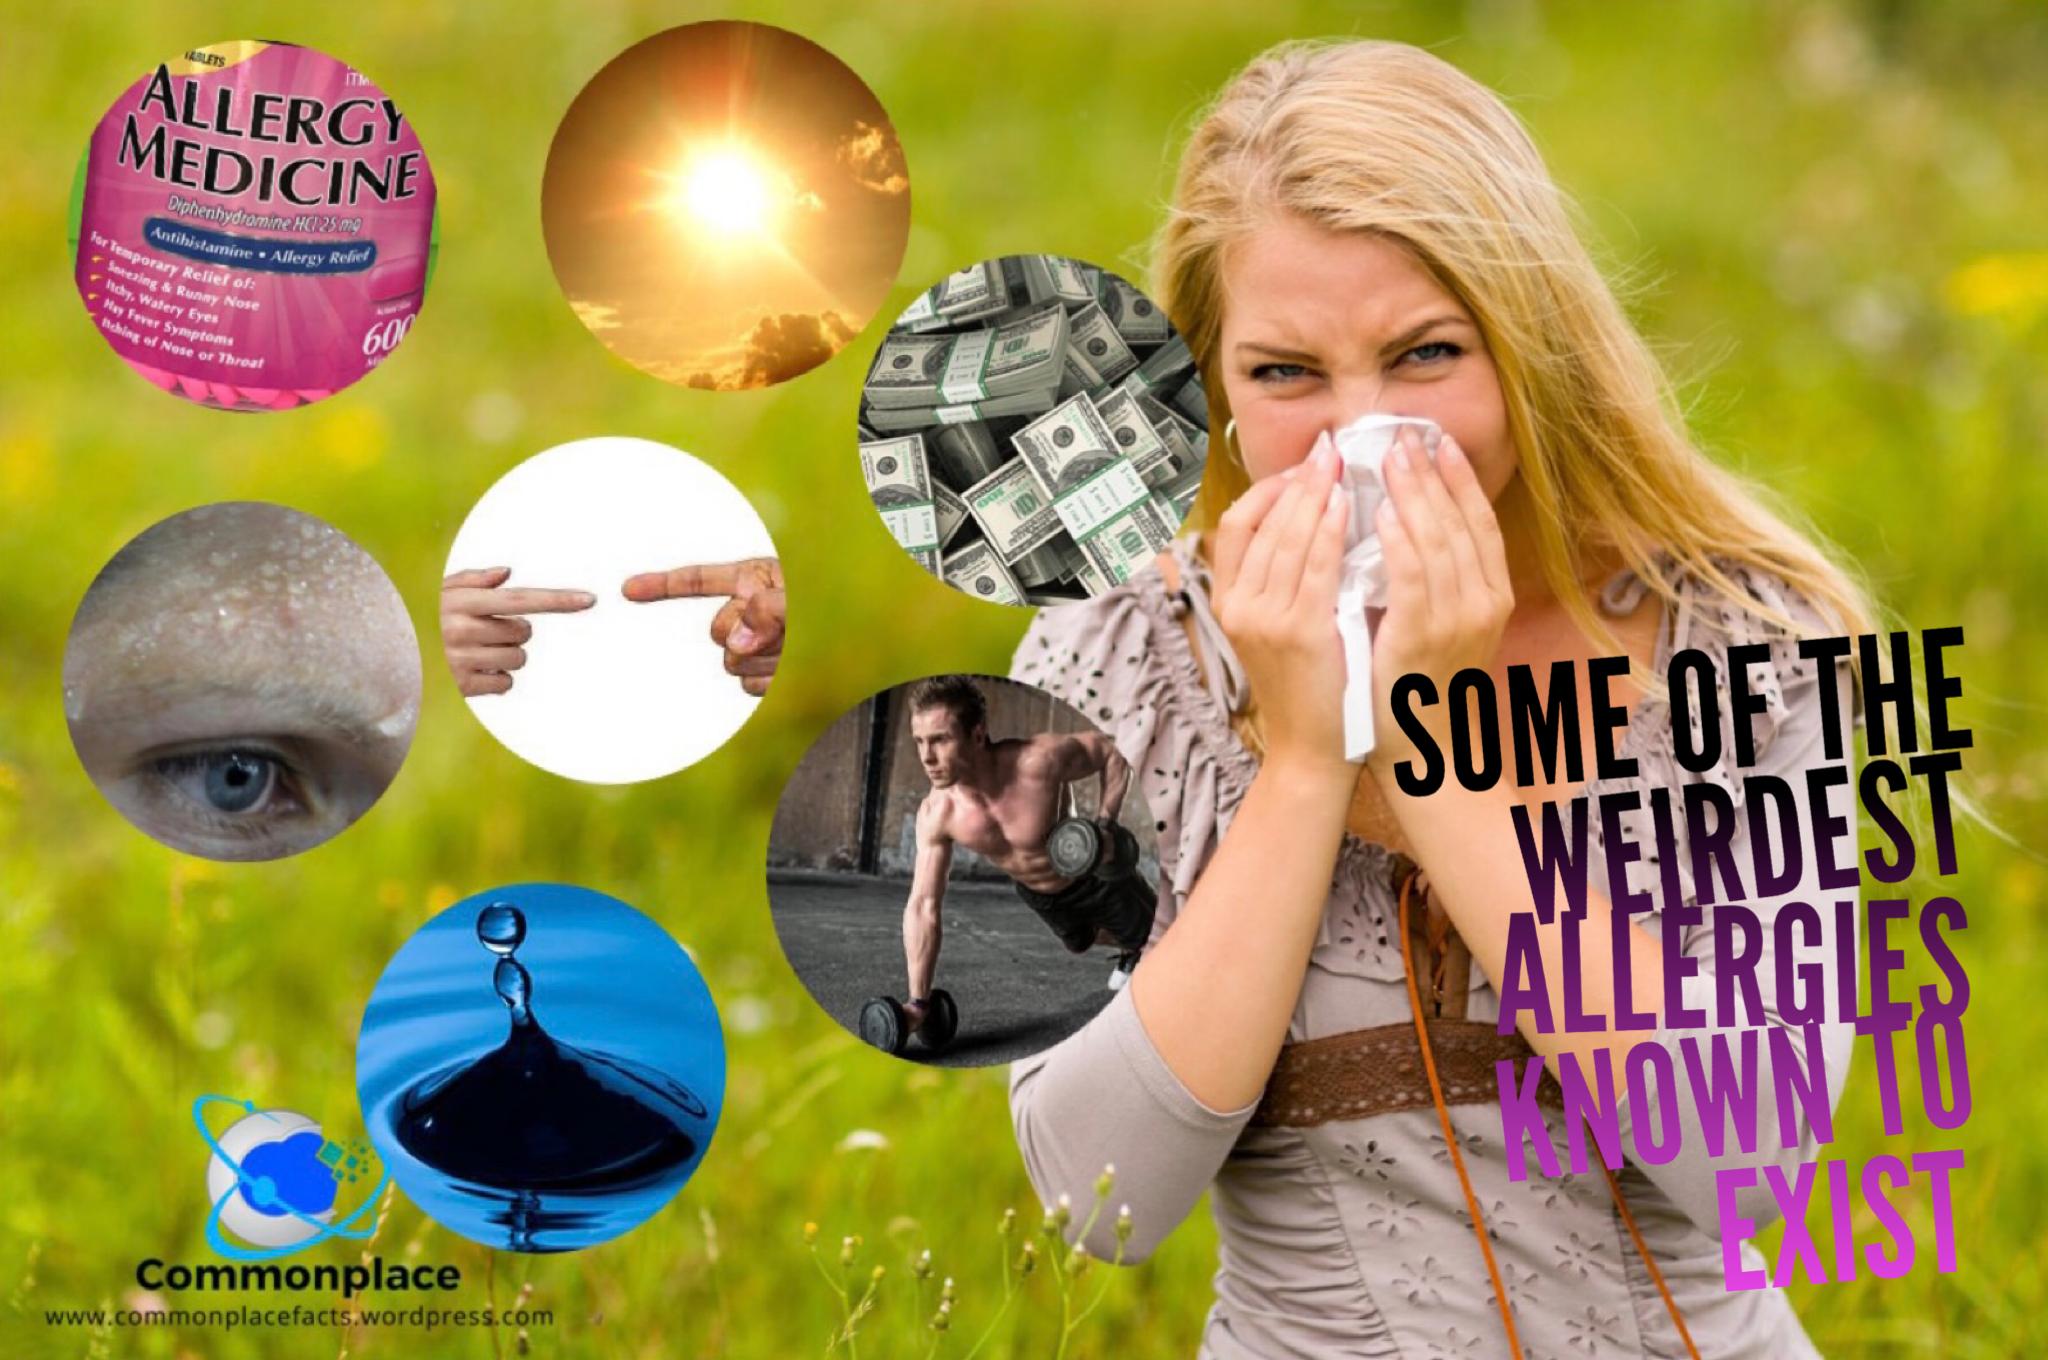 #allergies #allergens #allergic #WeirdAllergies #StrangeAllergies #Health